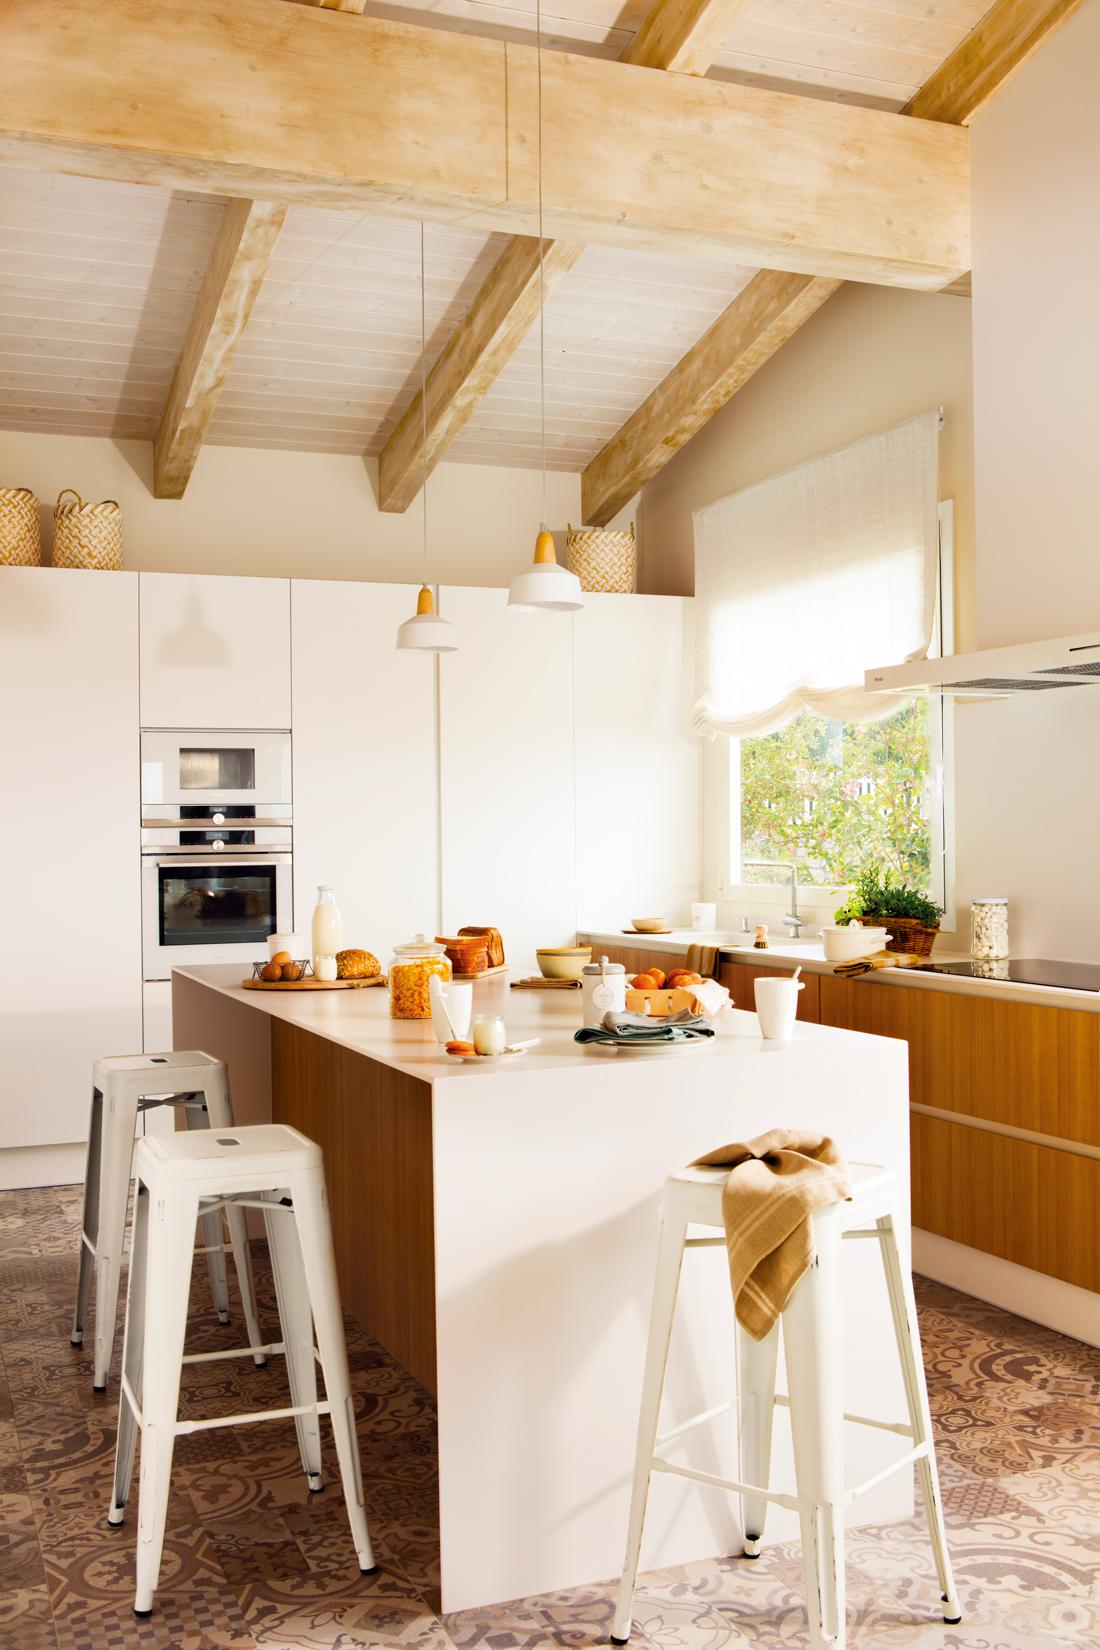 Detalles para renovar tu cocina for Muebles de cocina zarate